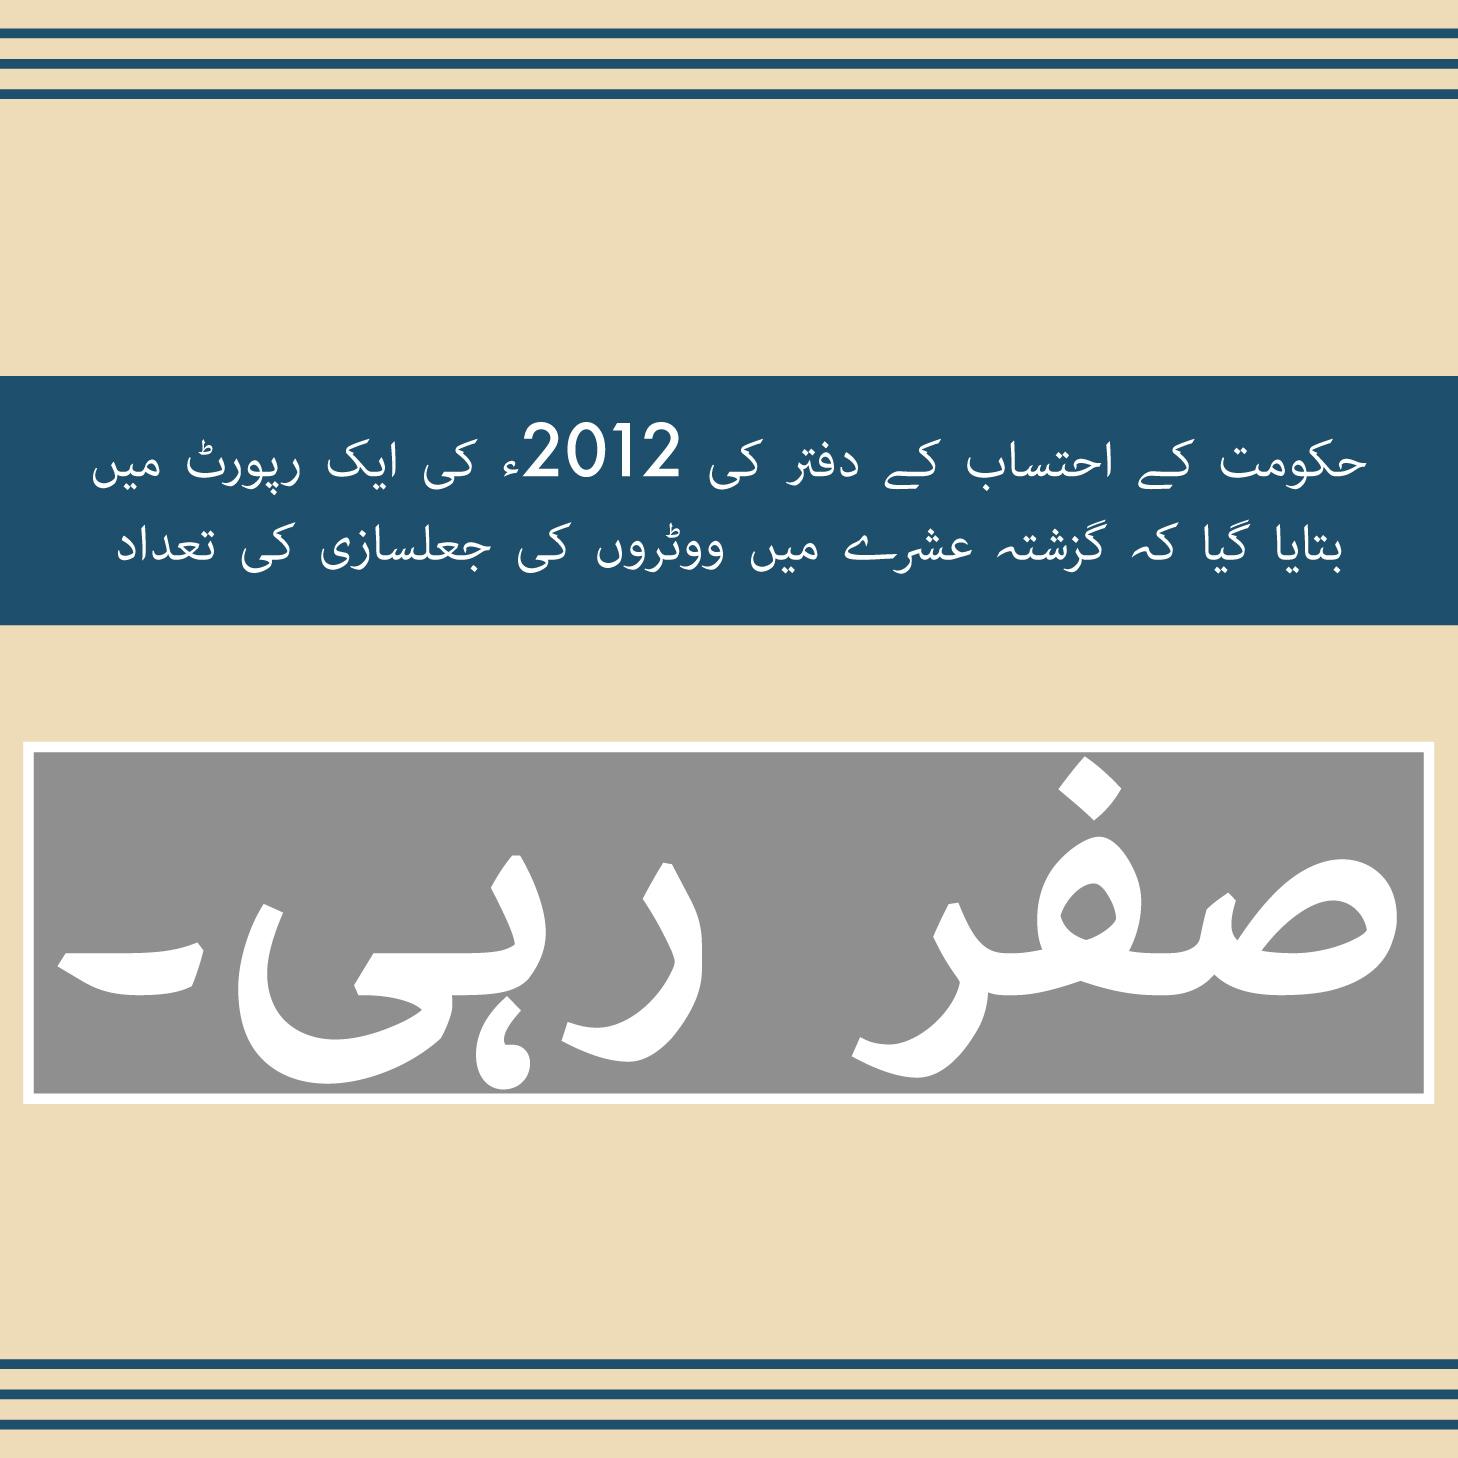 Zero_Urdu